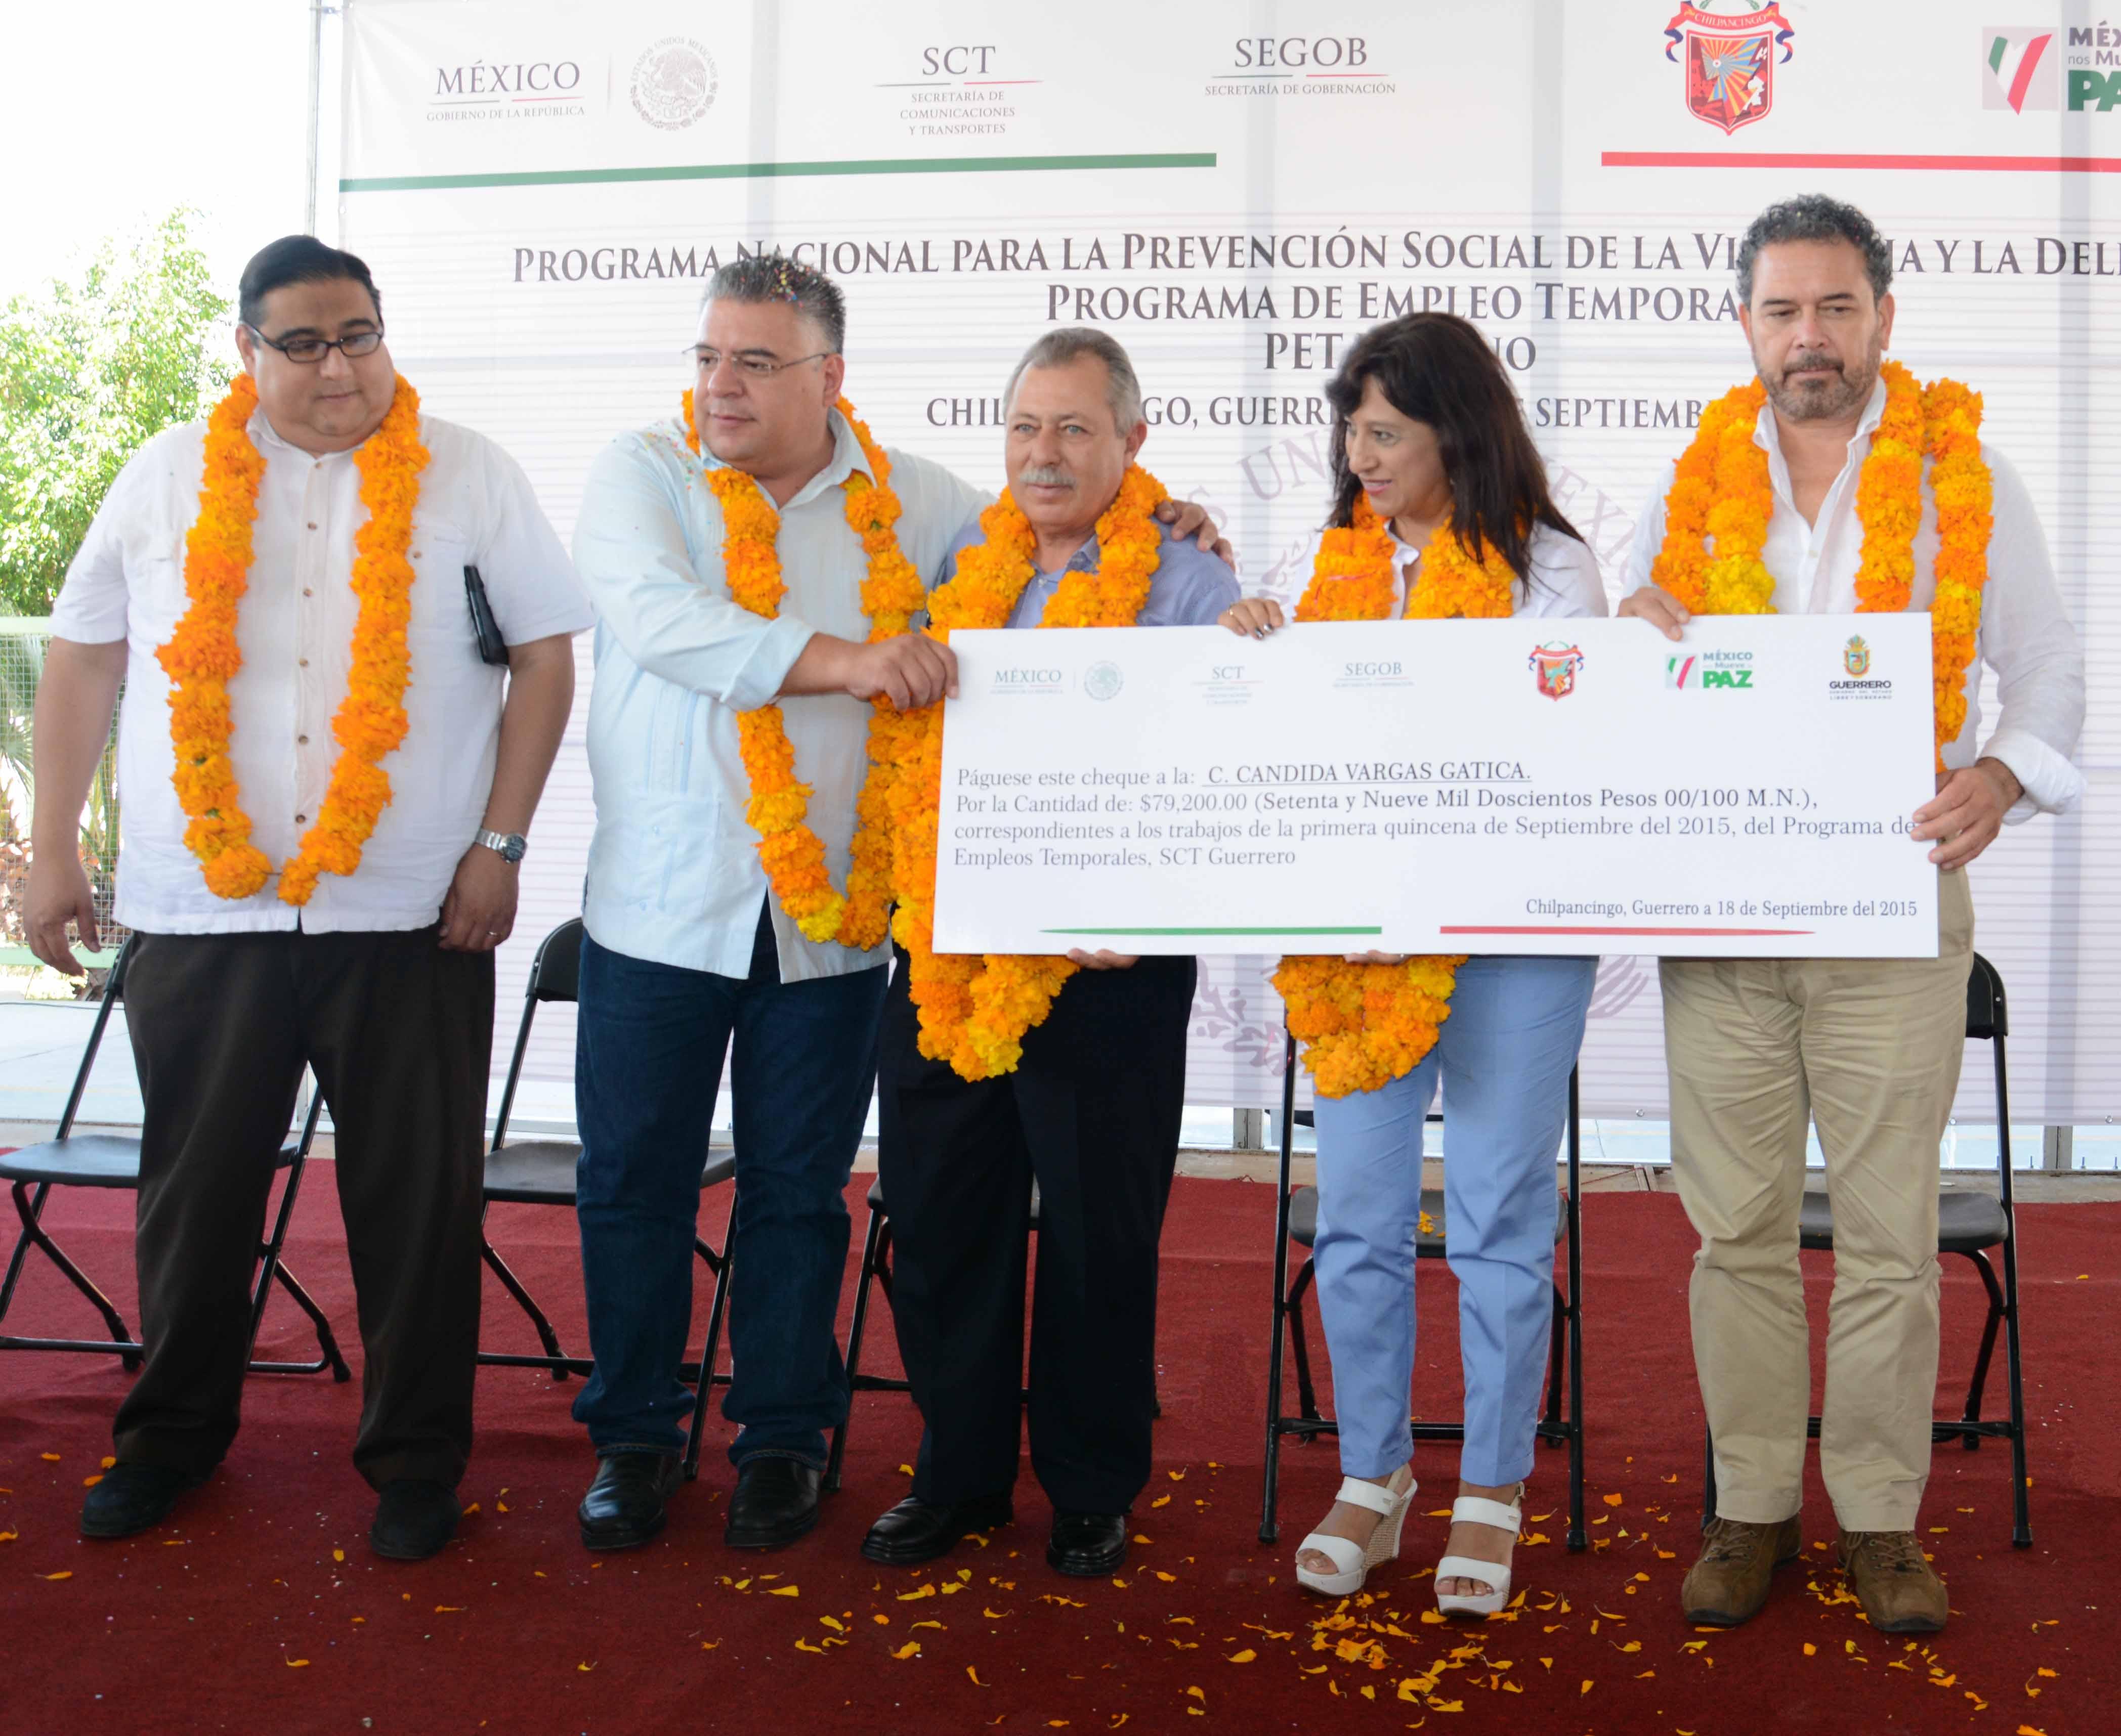 Inversión de 130 millones de pesos en programa de empleo temporal para Guerrero